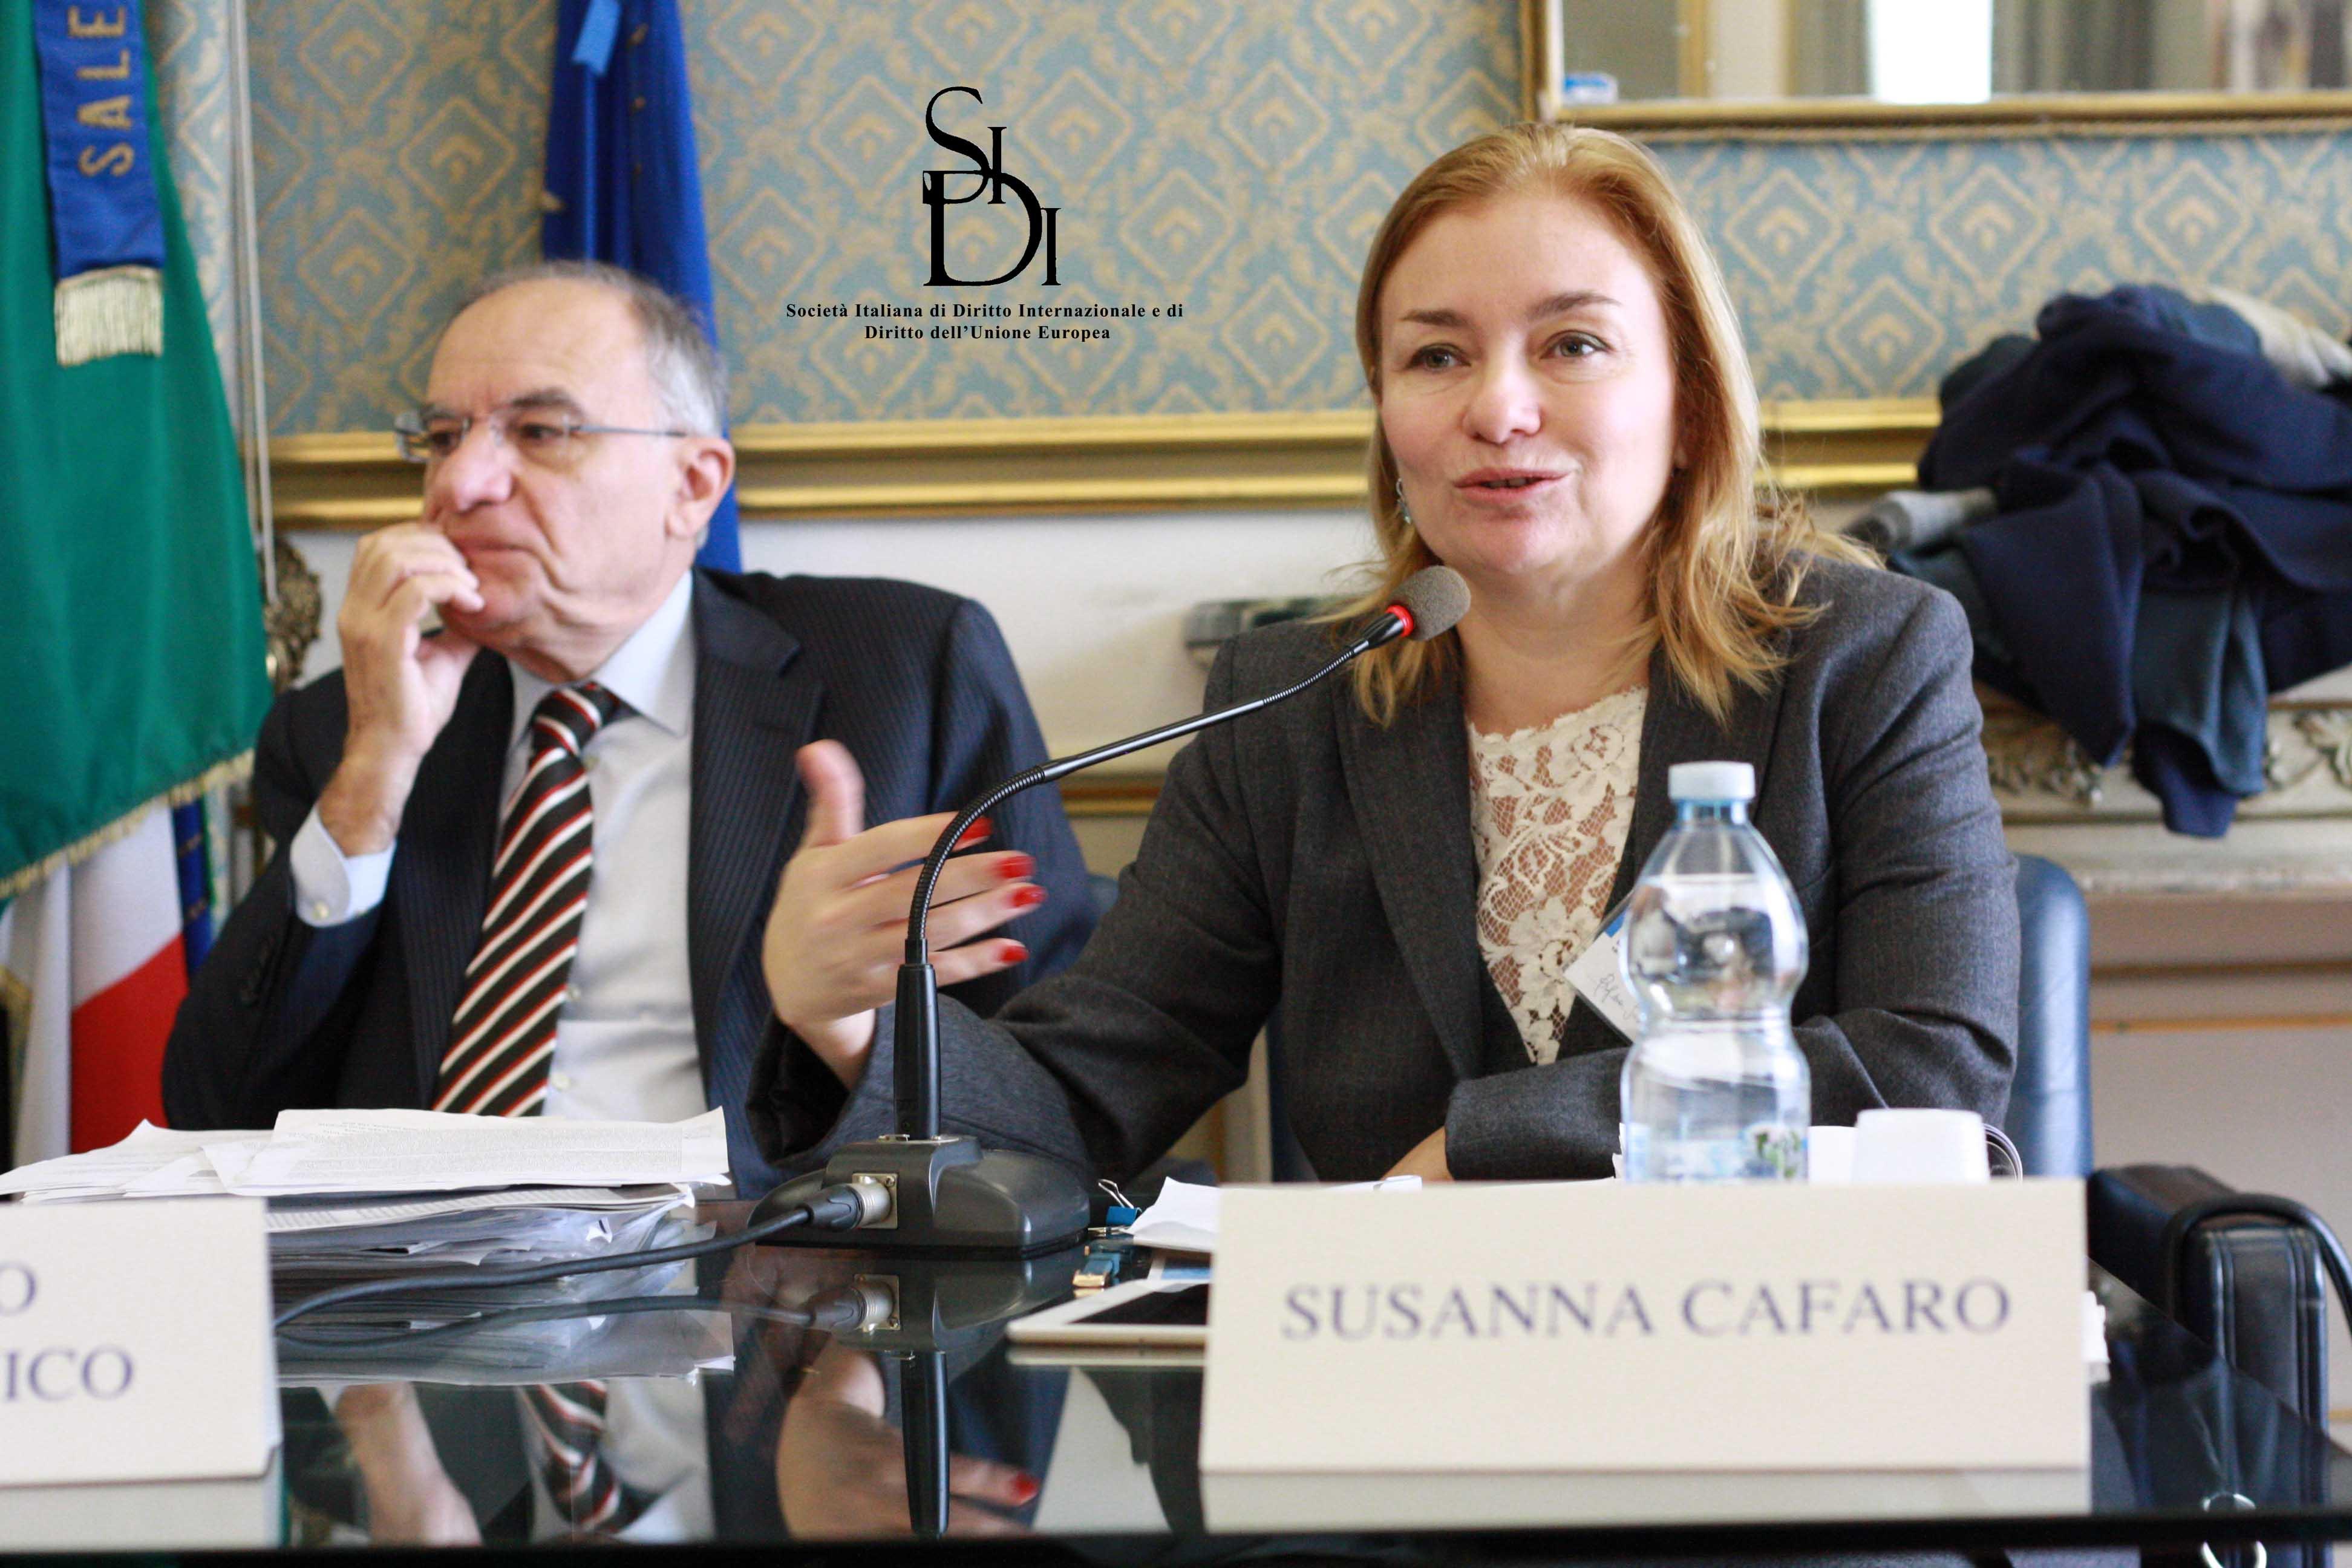 Prof. S. Cafaro - Cittadinanza e democraticità dell'Unione europea